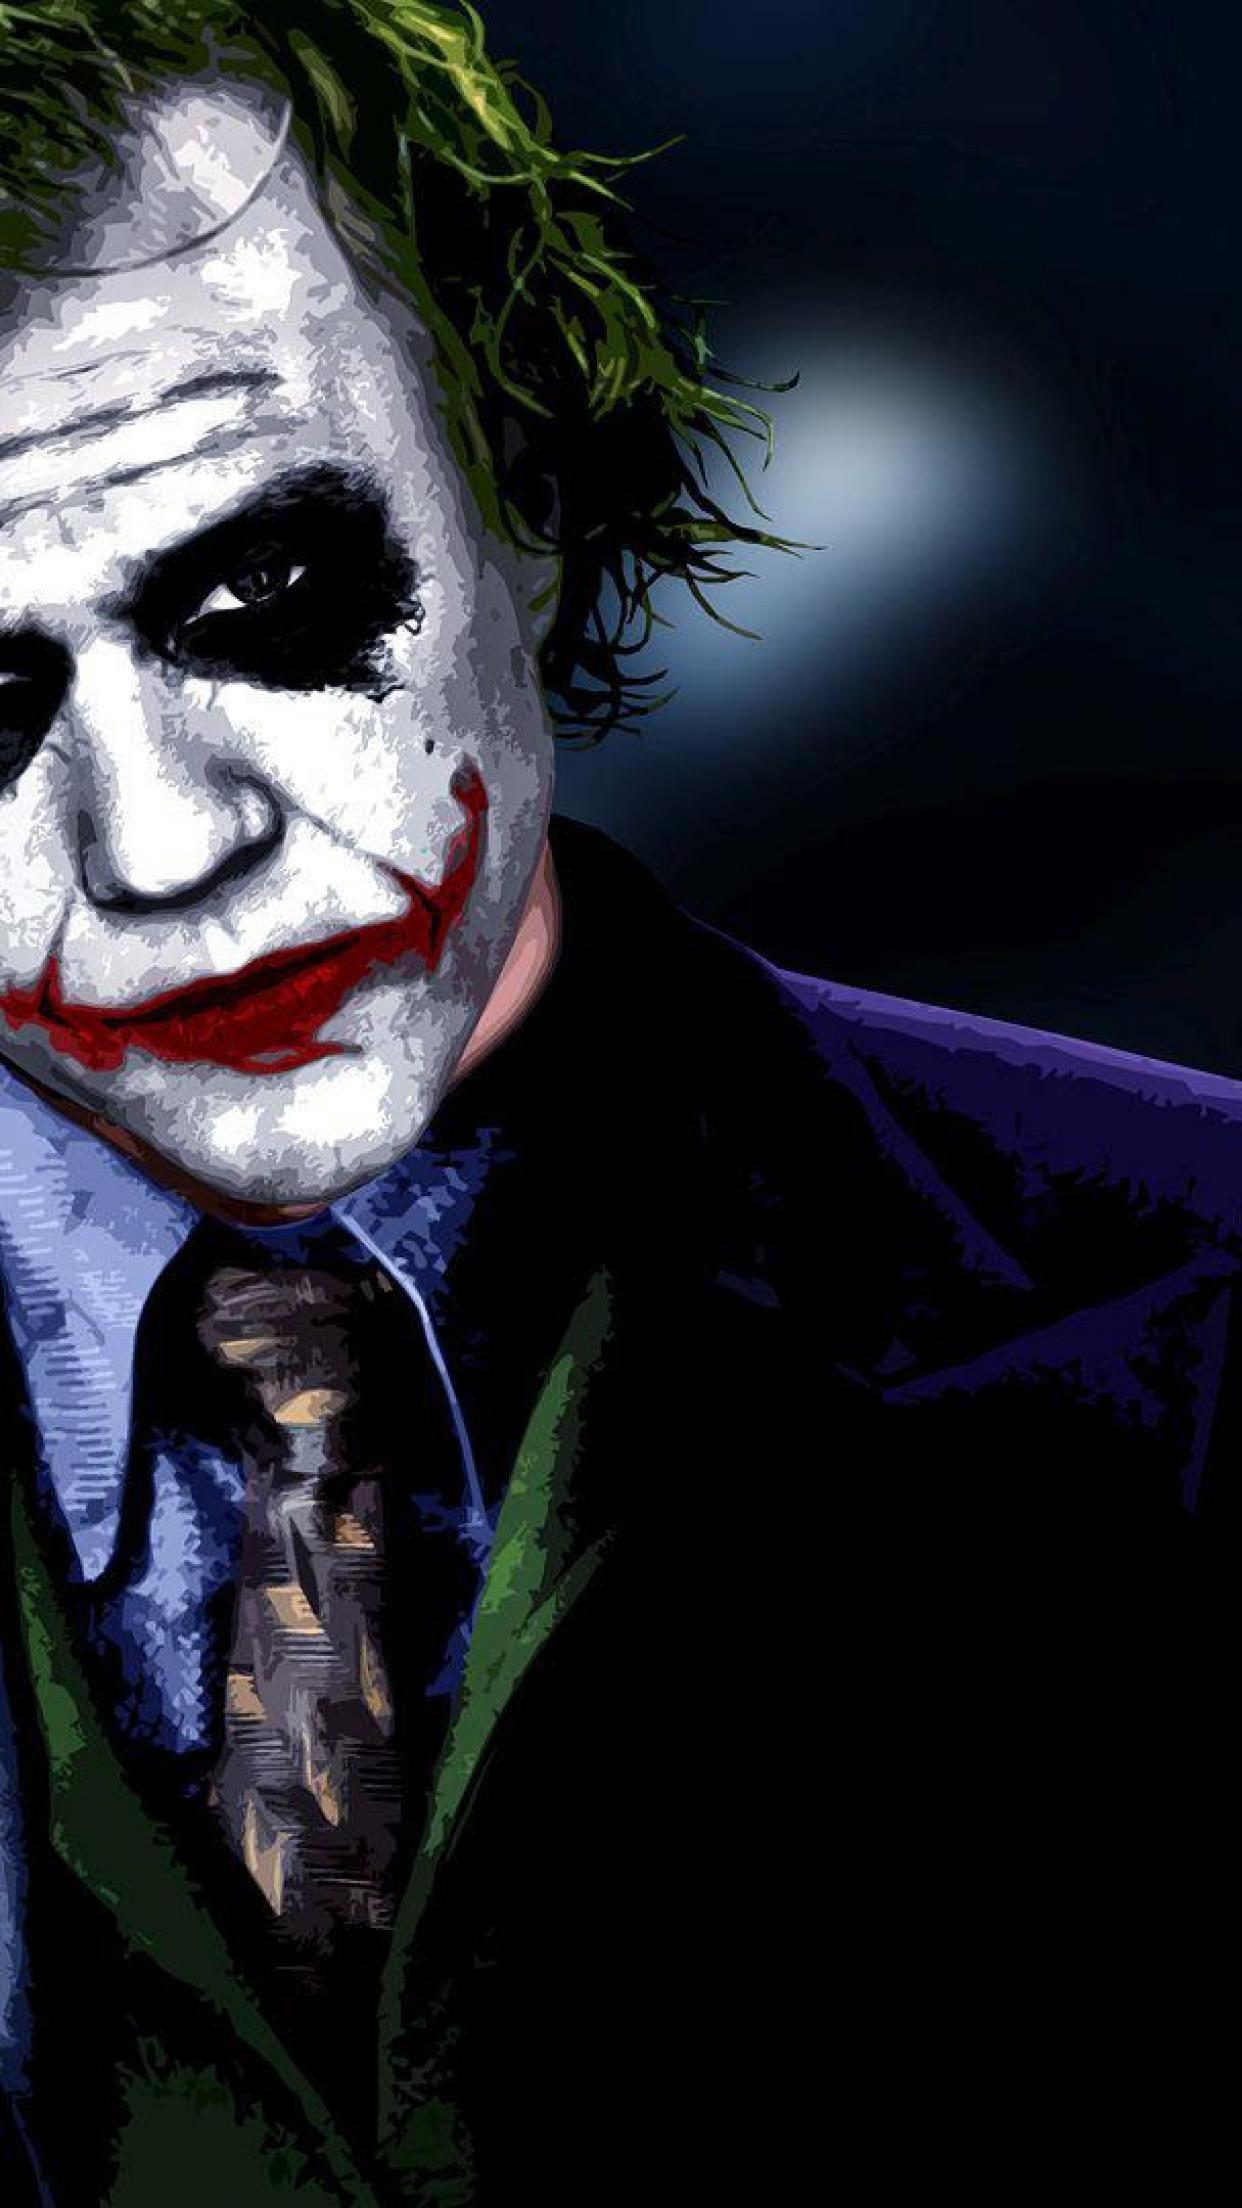 Joker Iphone 6 Wallpaper 79 Images